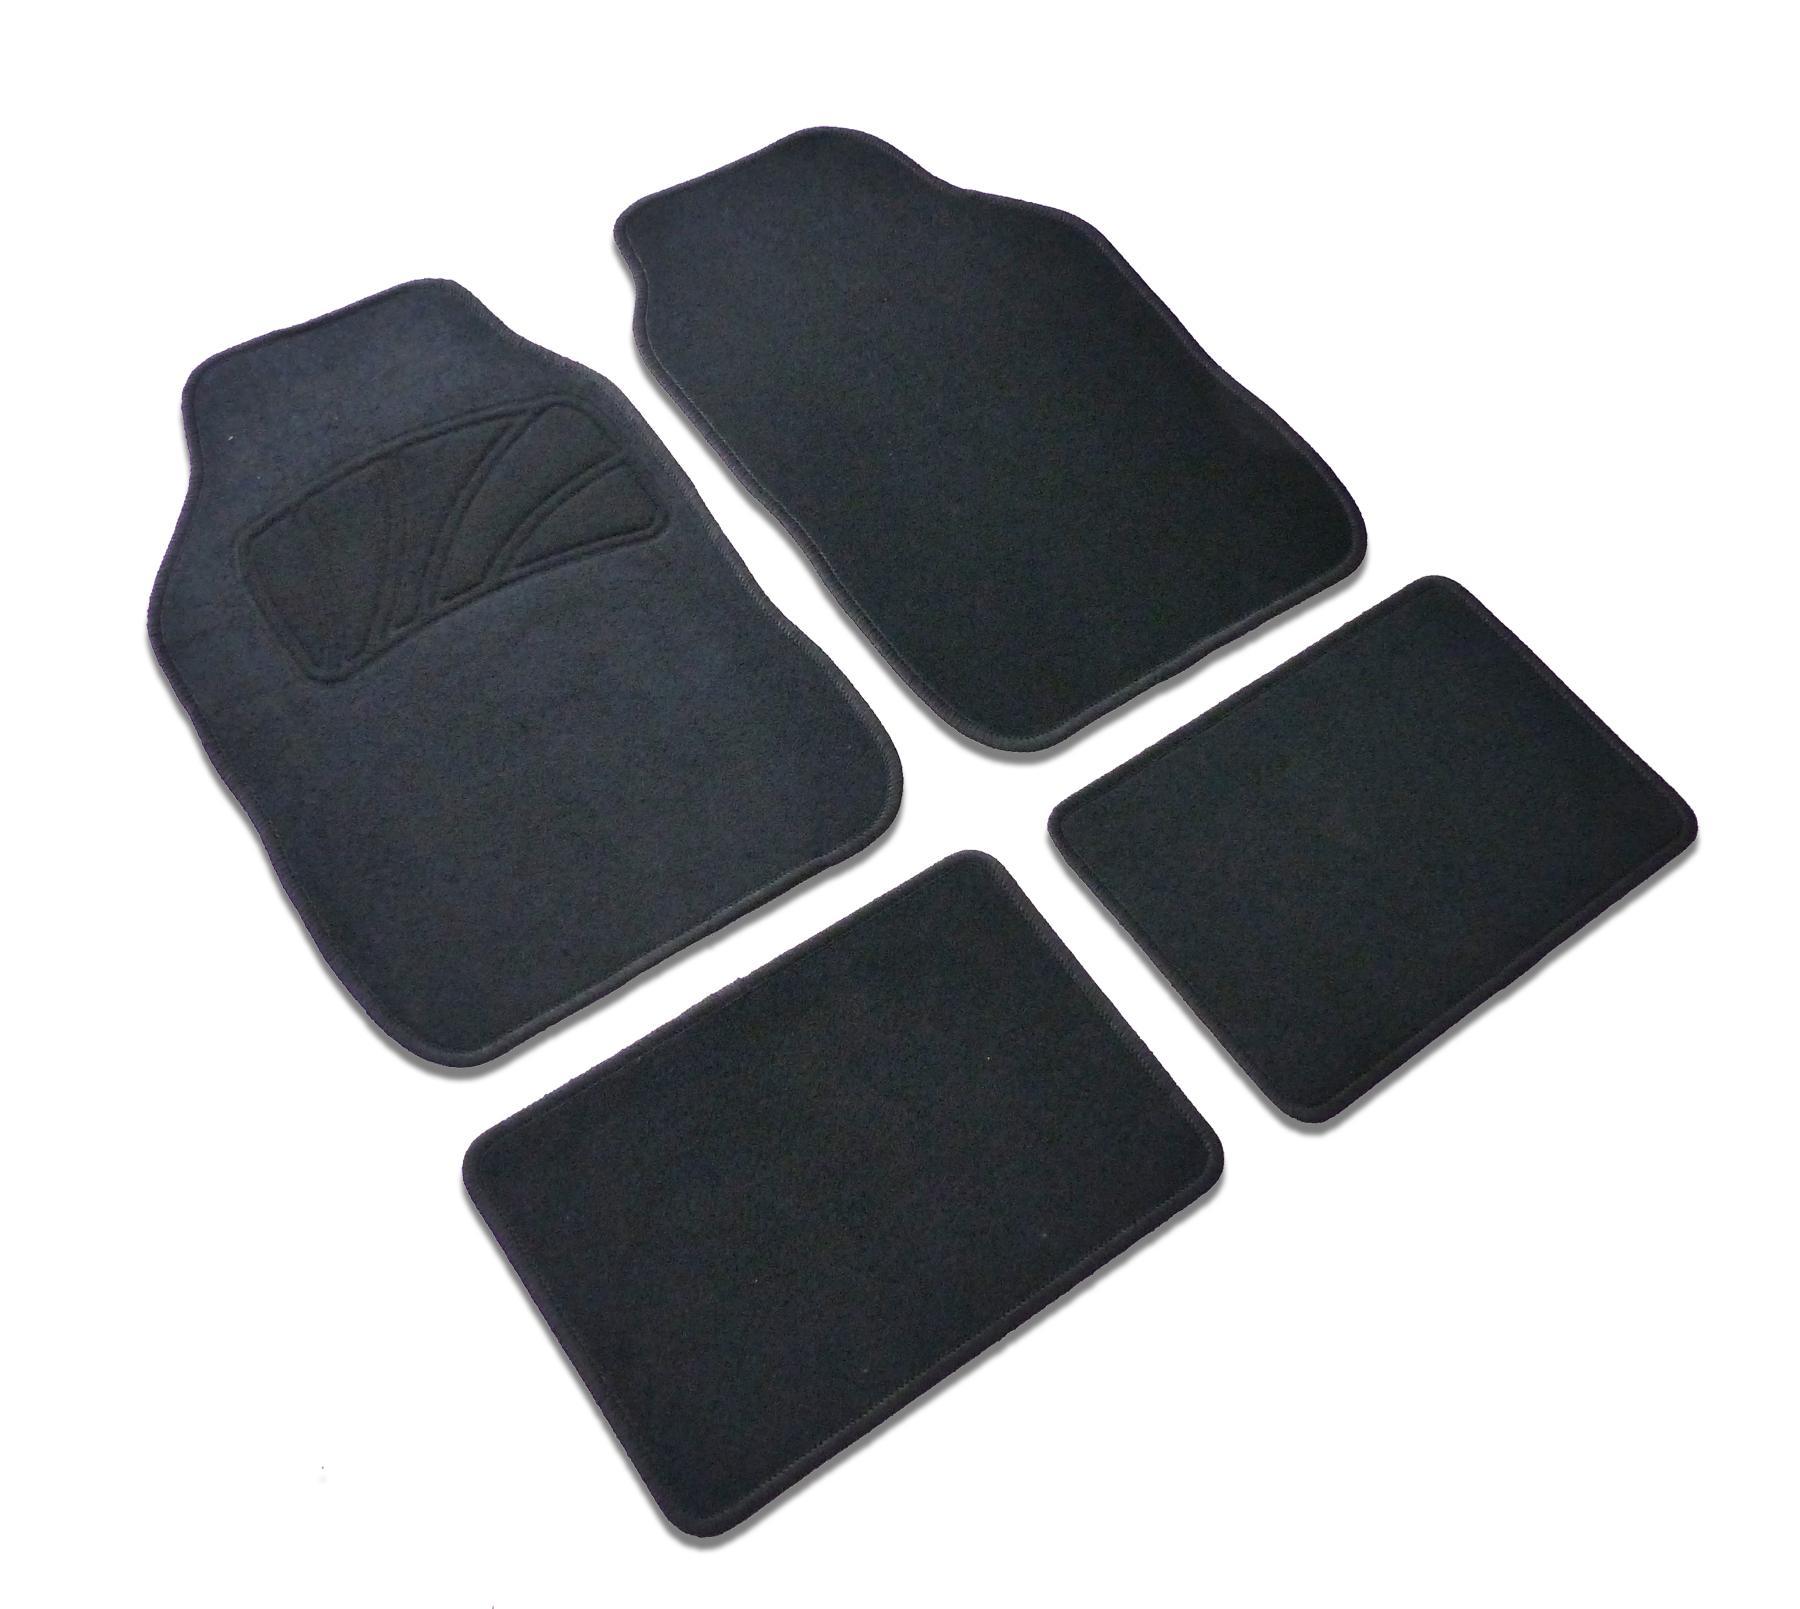 551508 Ensemble de tapis de sol XL 551508 - Enorme sélection — fortement réduit